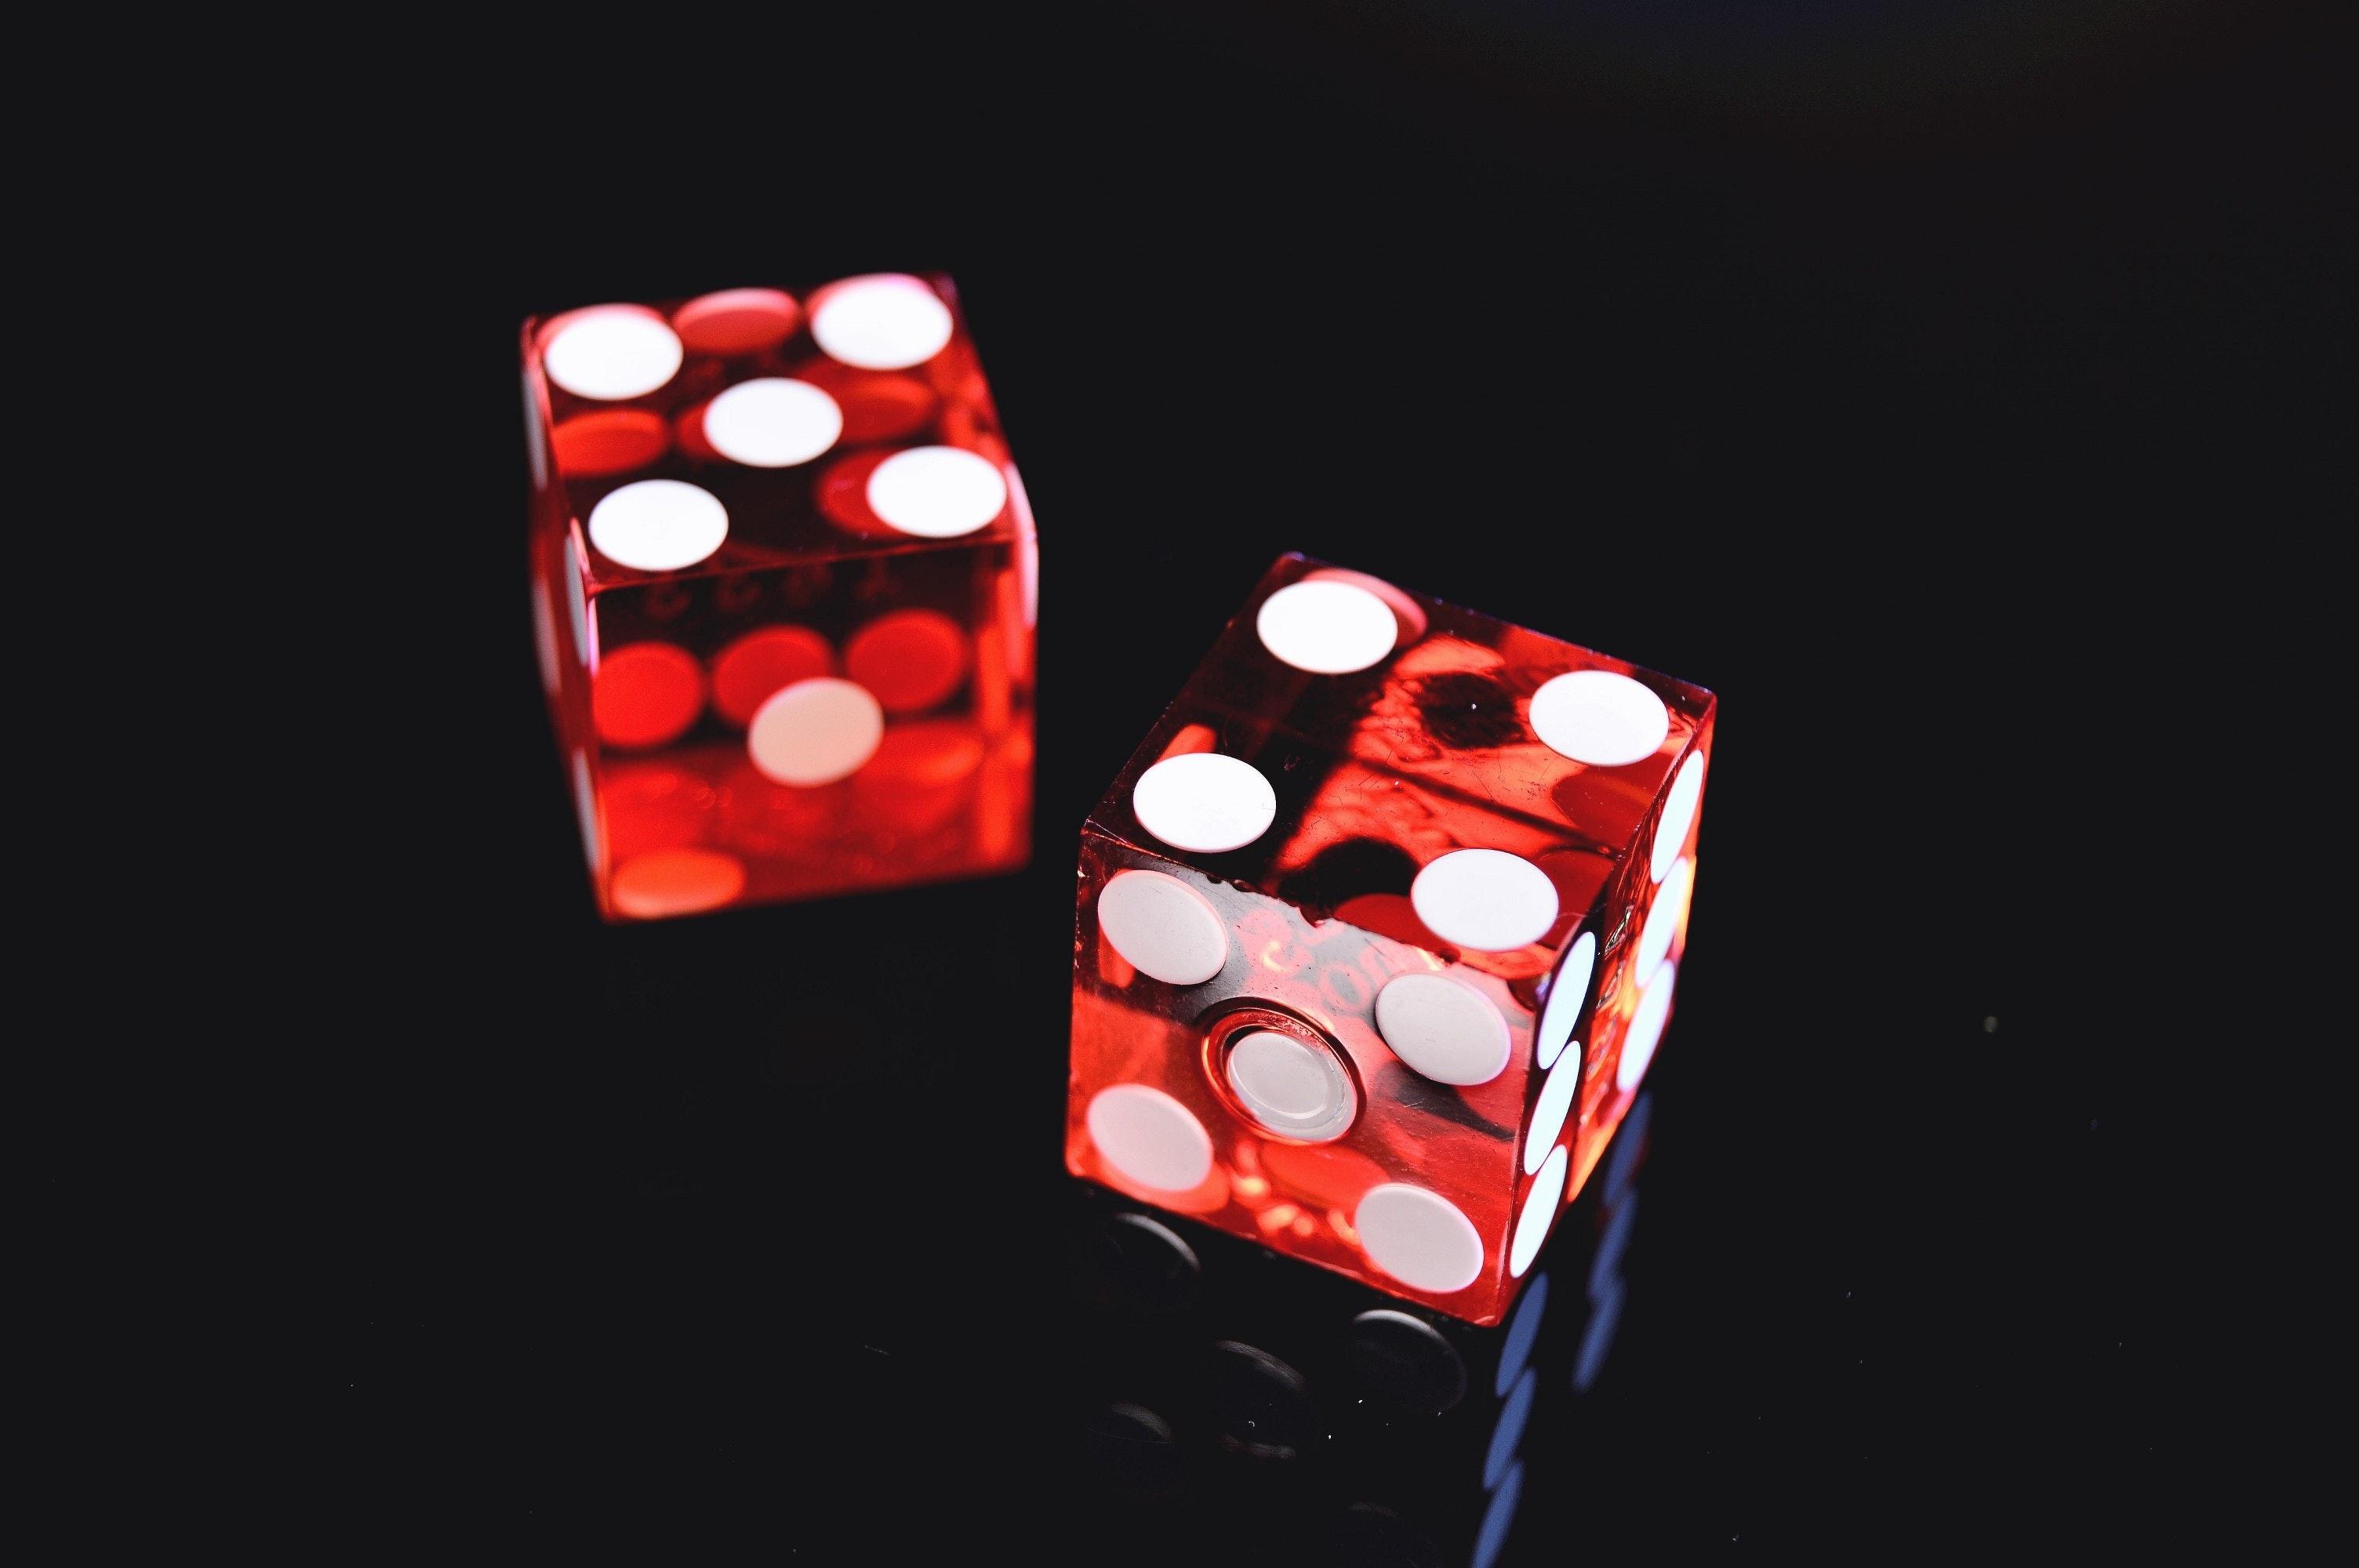 イラスト カジノ ギャンブルの無料の写真素材